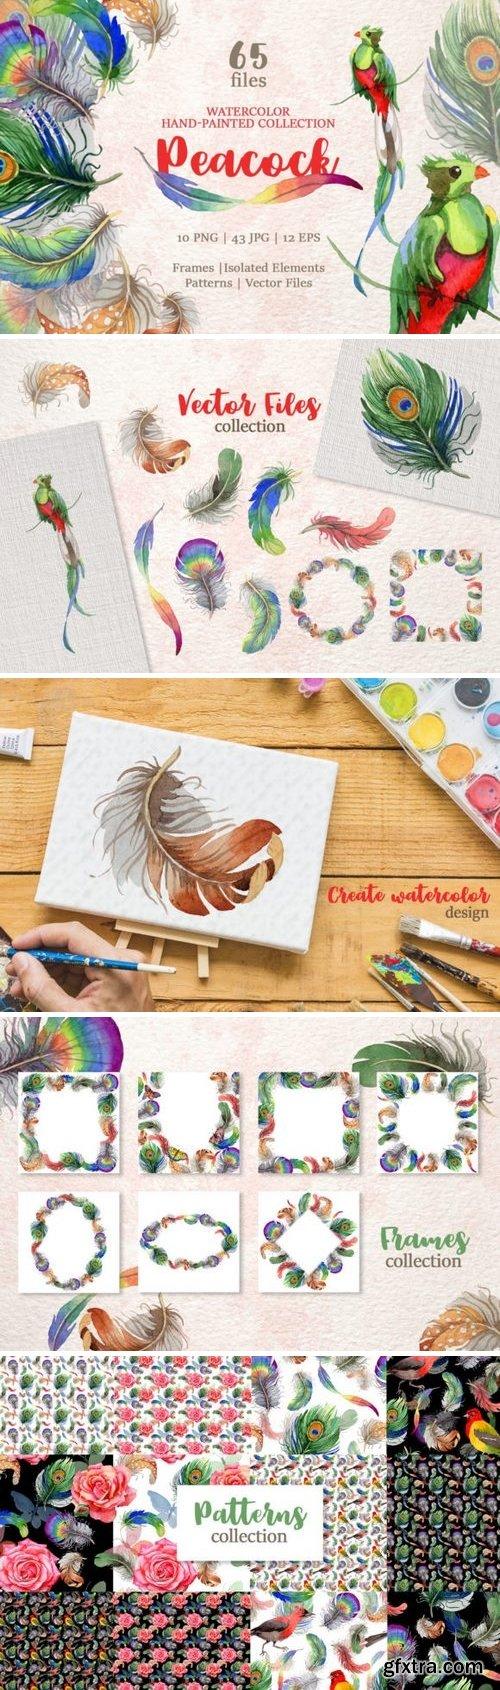 CM - Peacock Watercolor png 3356960